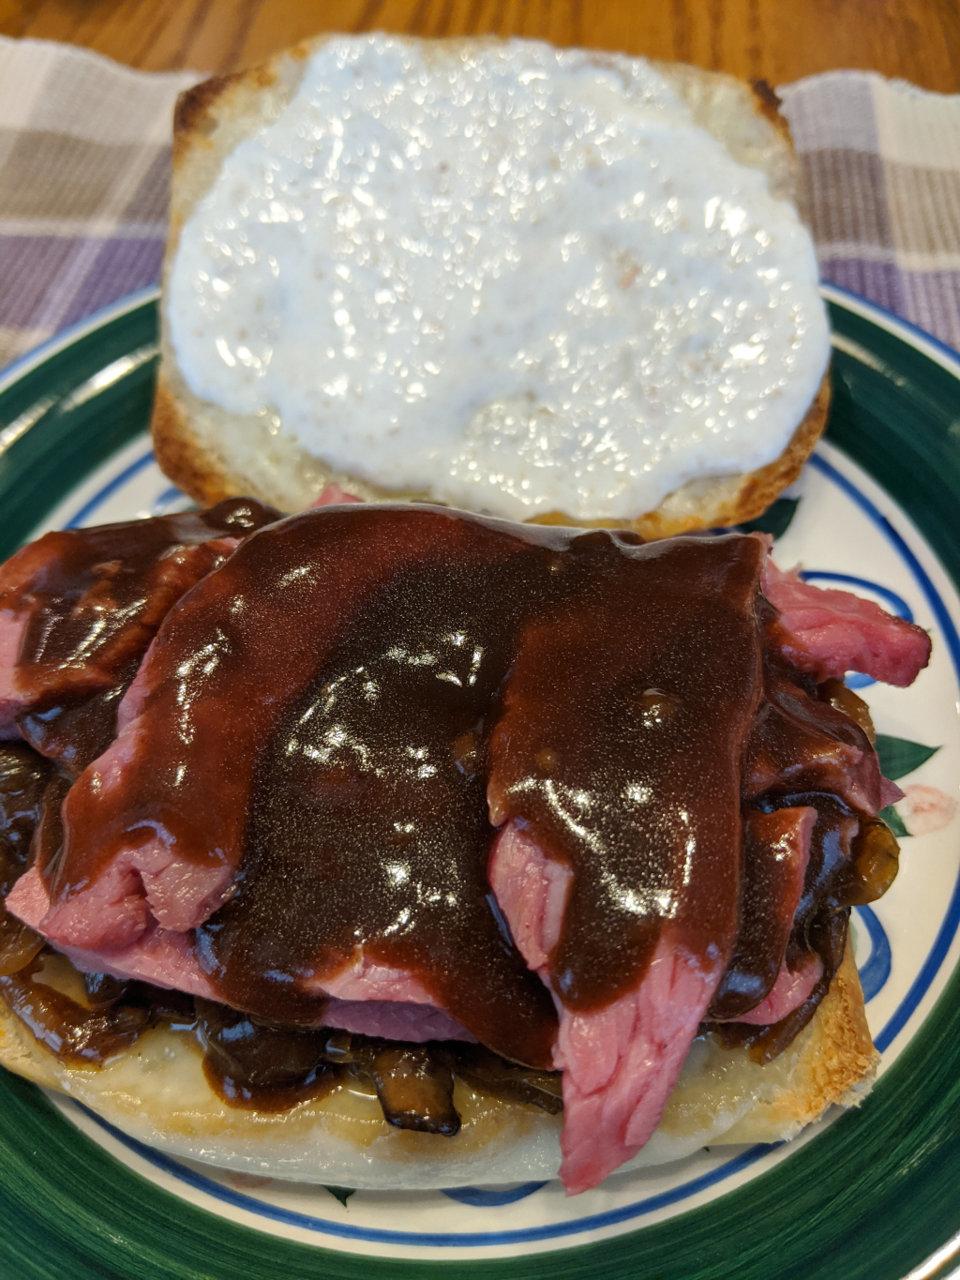 IMG_20200510_164553 scaled open sandwich.jpg